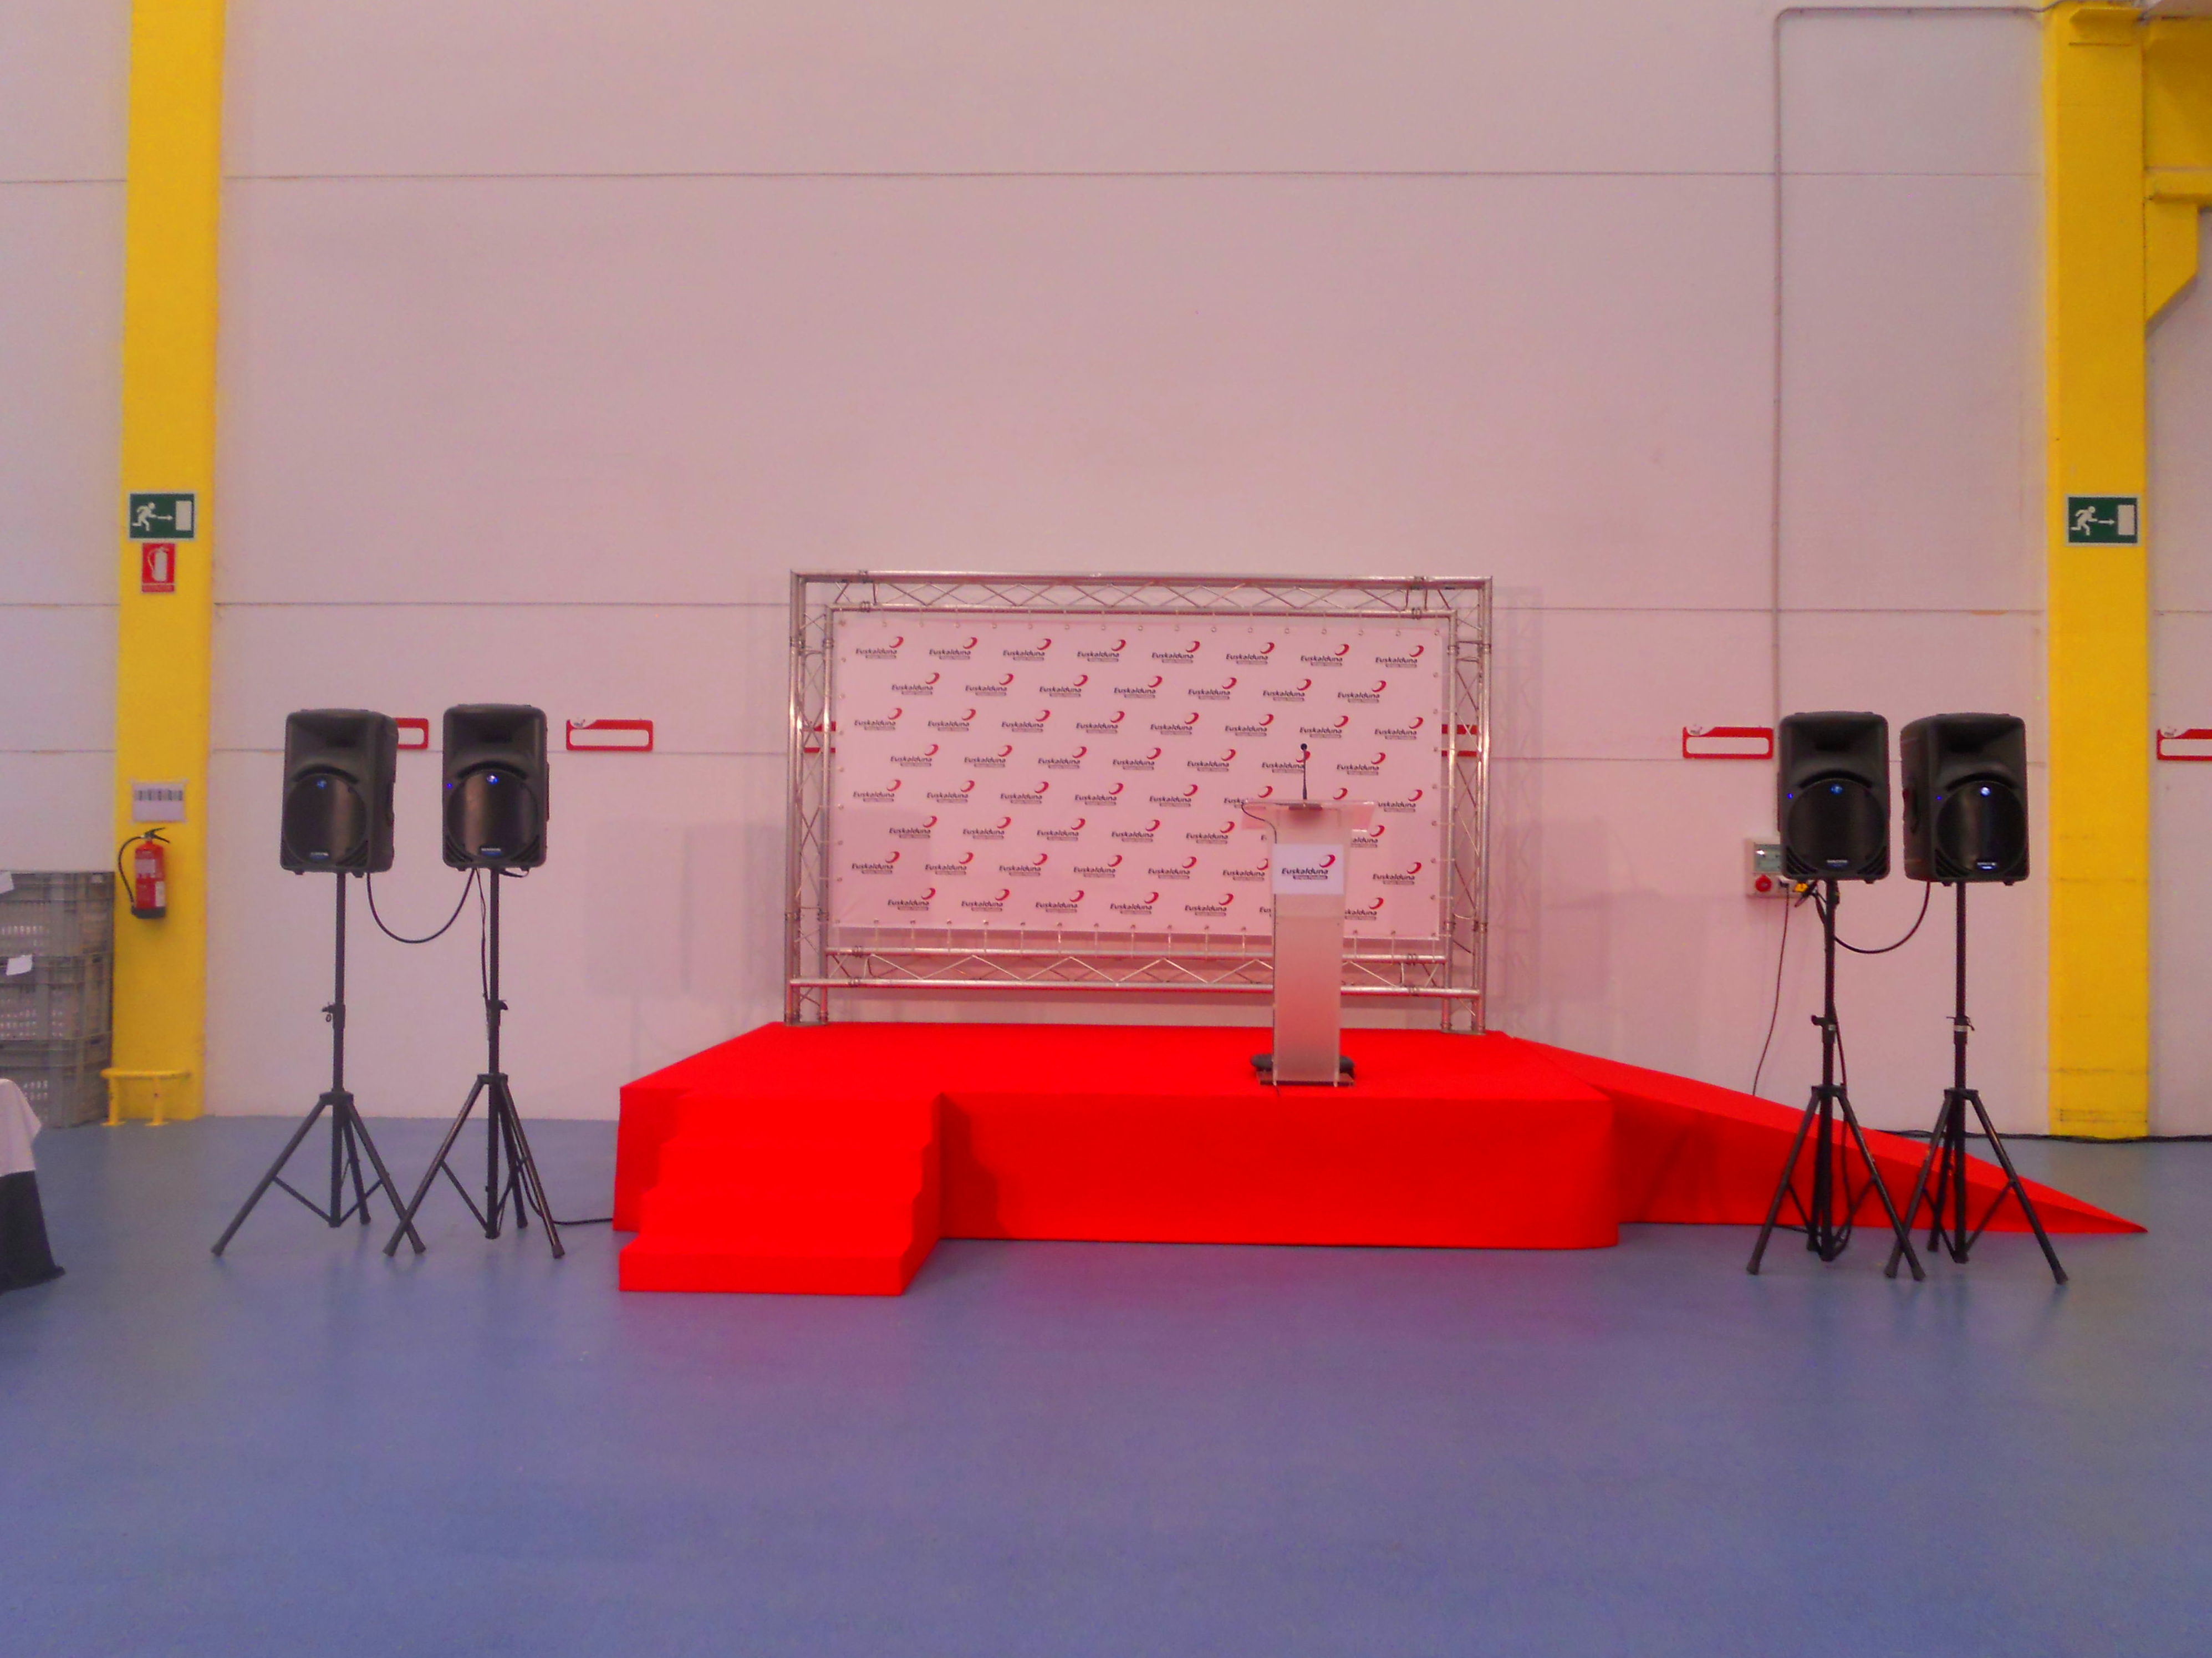 Photocall, escenario, sonido, atril